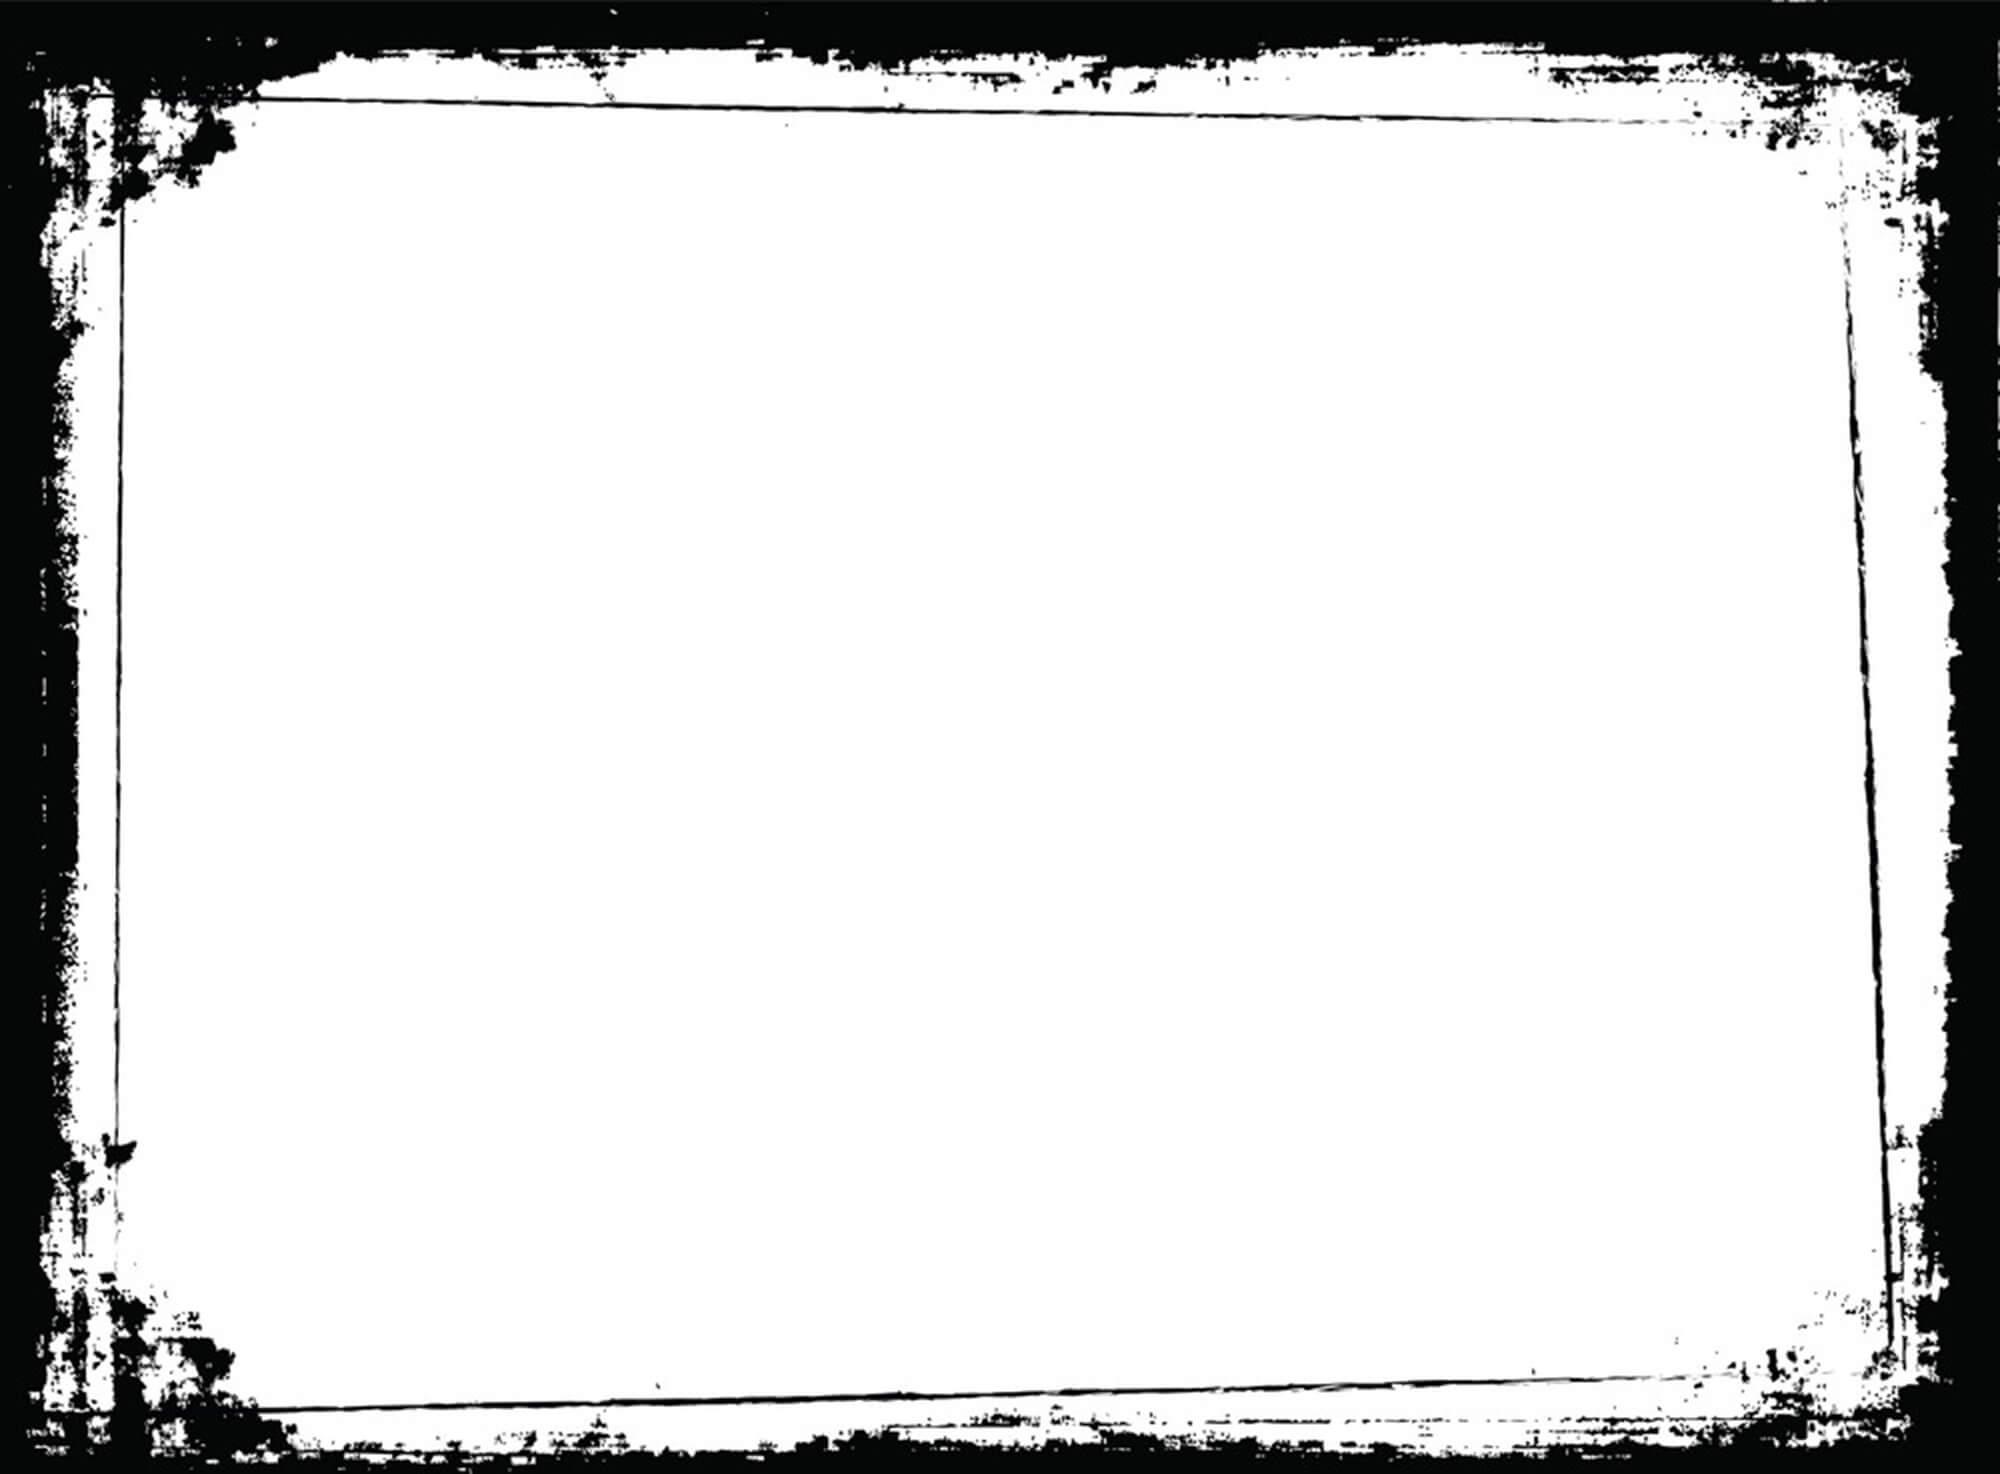 anh-nen-powerpoint-lich-su-24.jpg